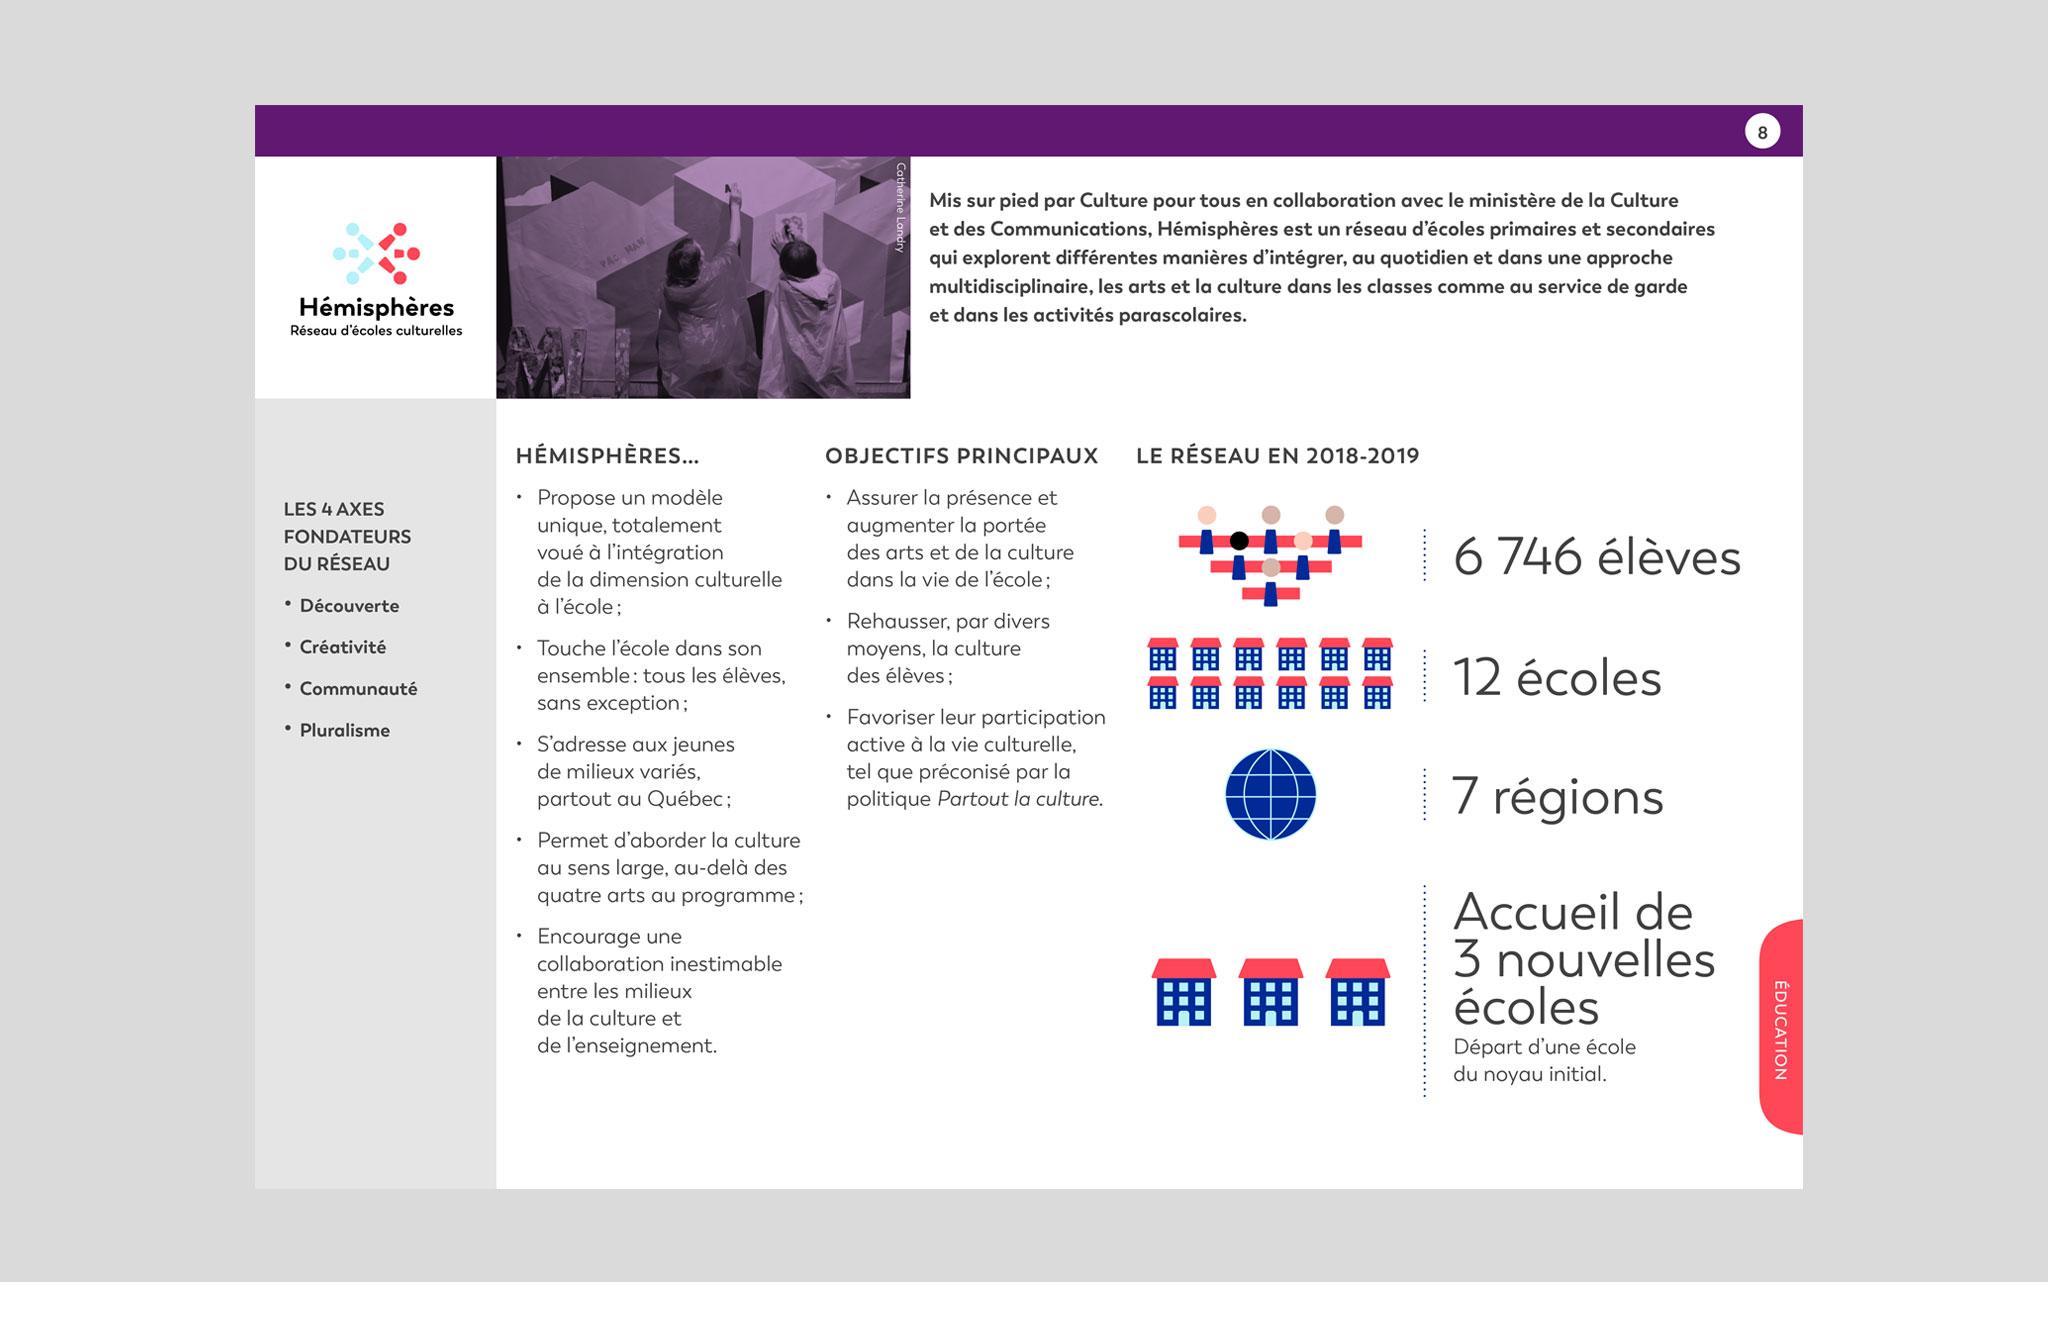 Rapport d'activités interactif de Culture pour tous.